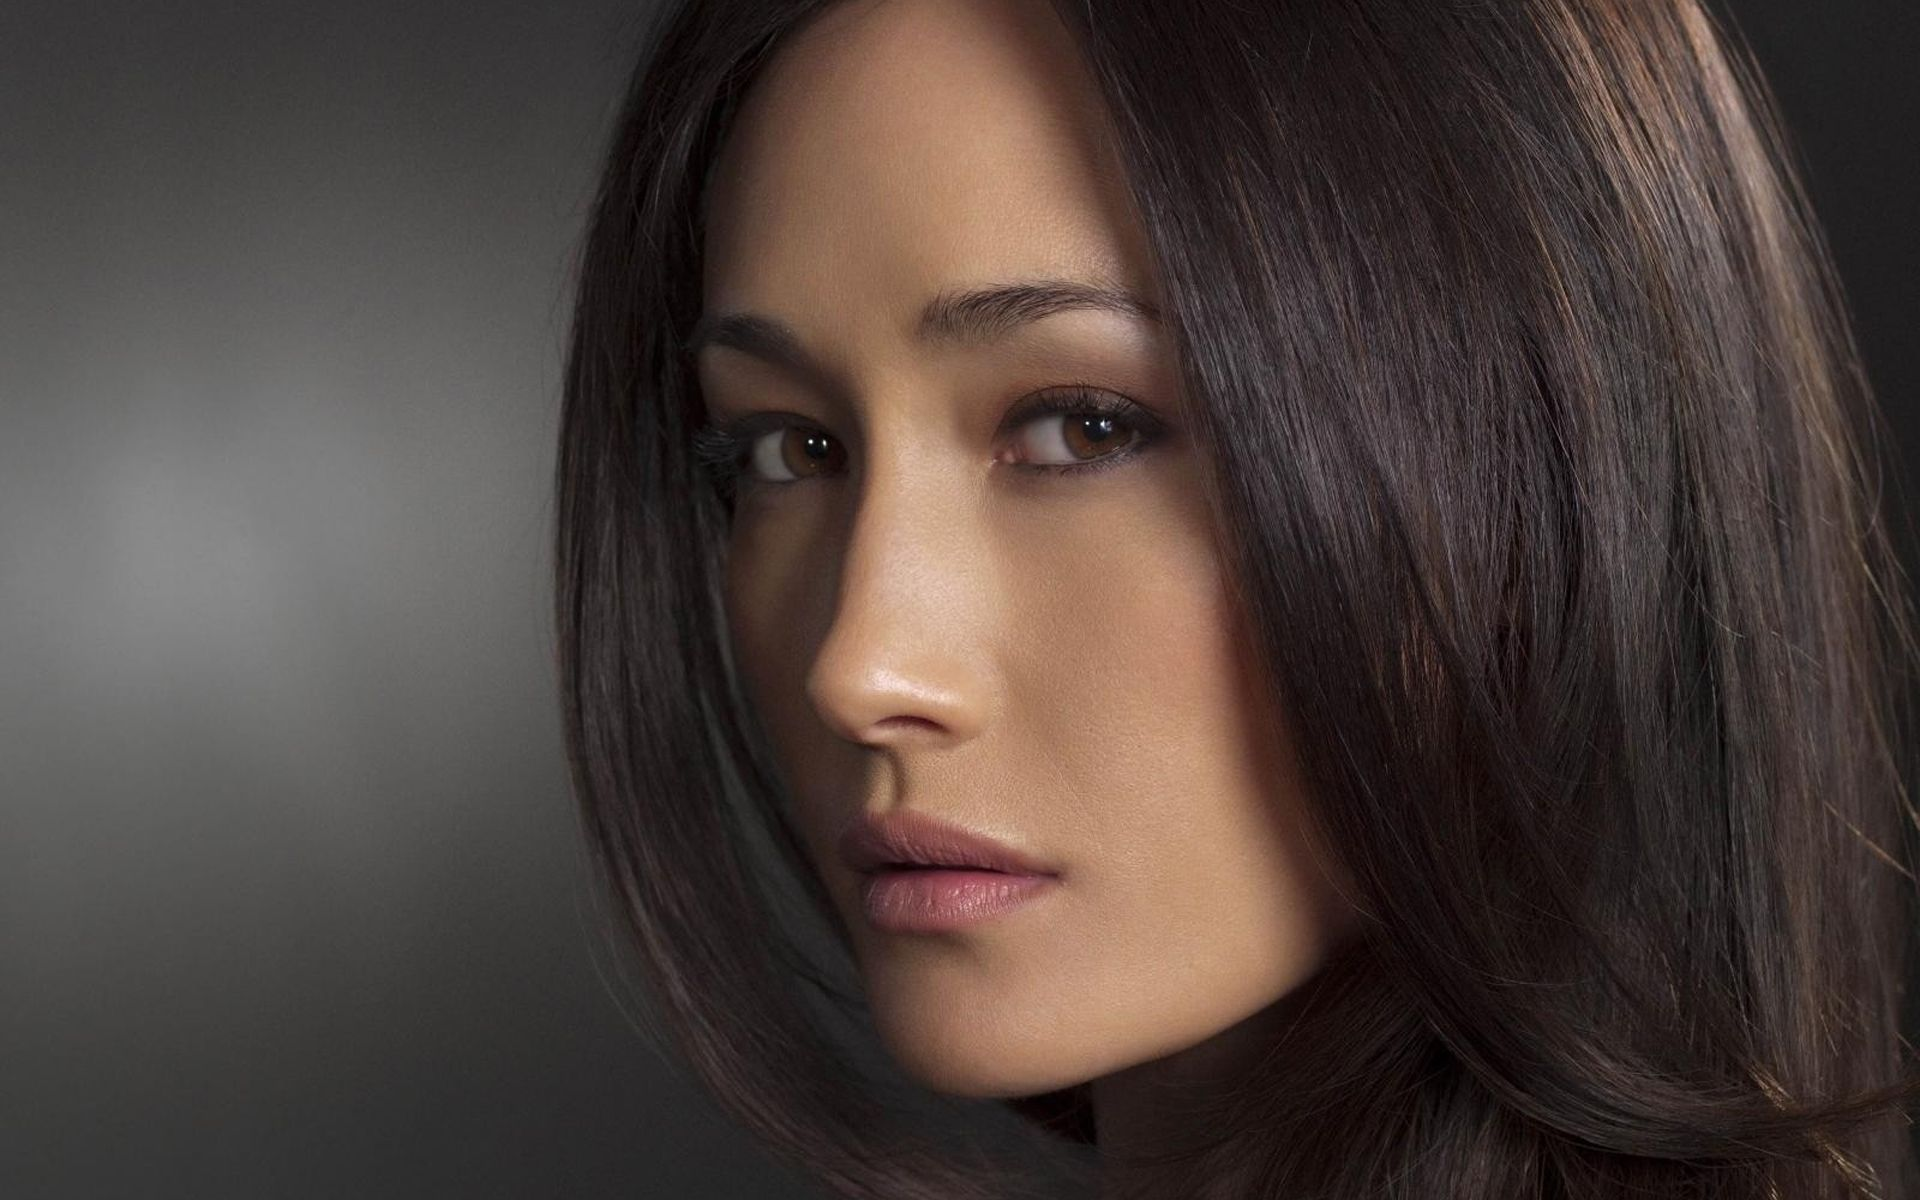 Hot asian american actresses